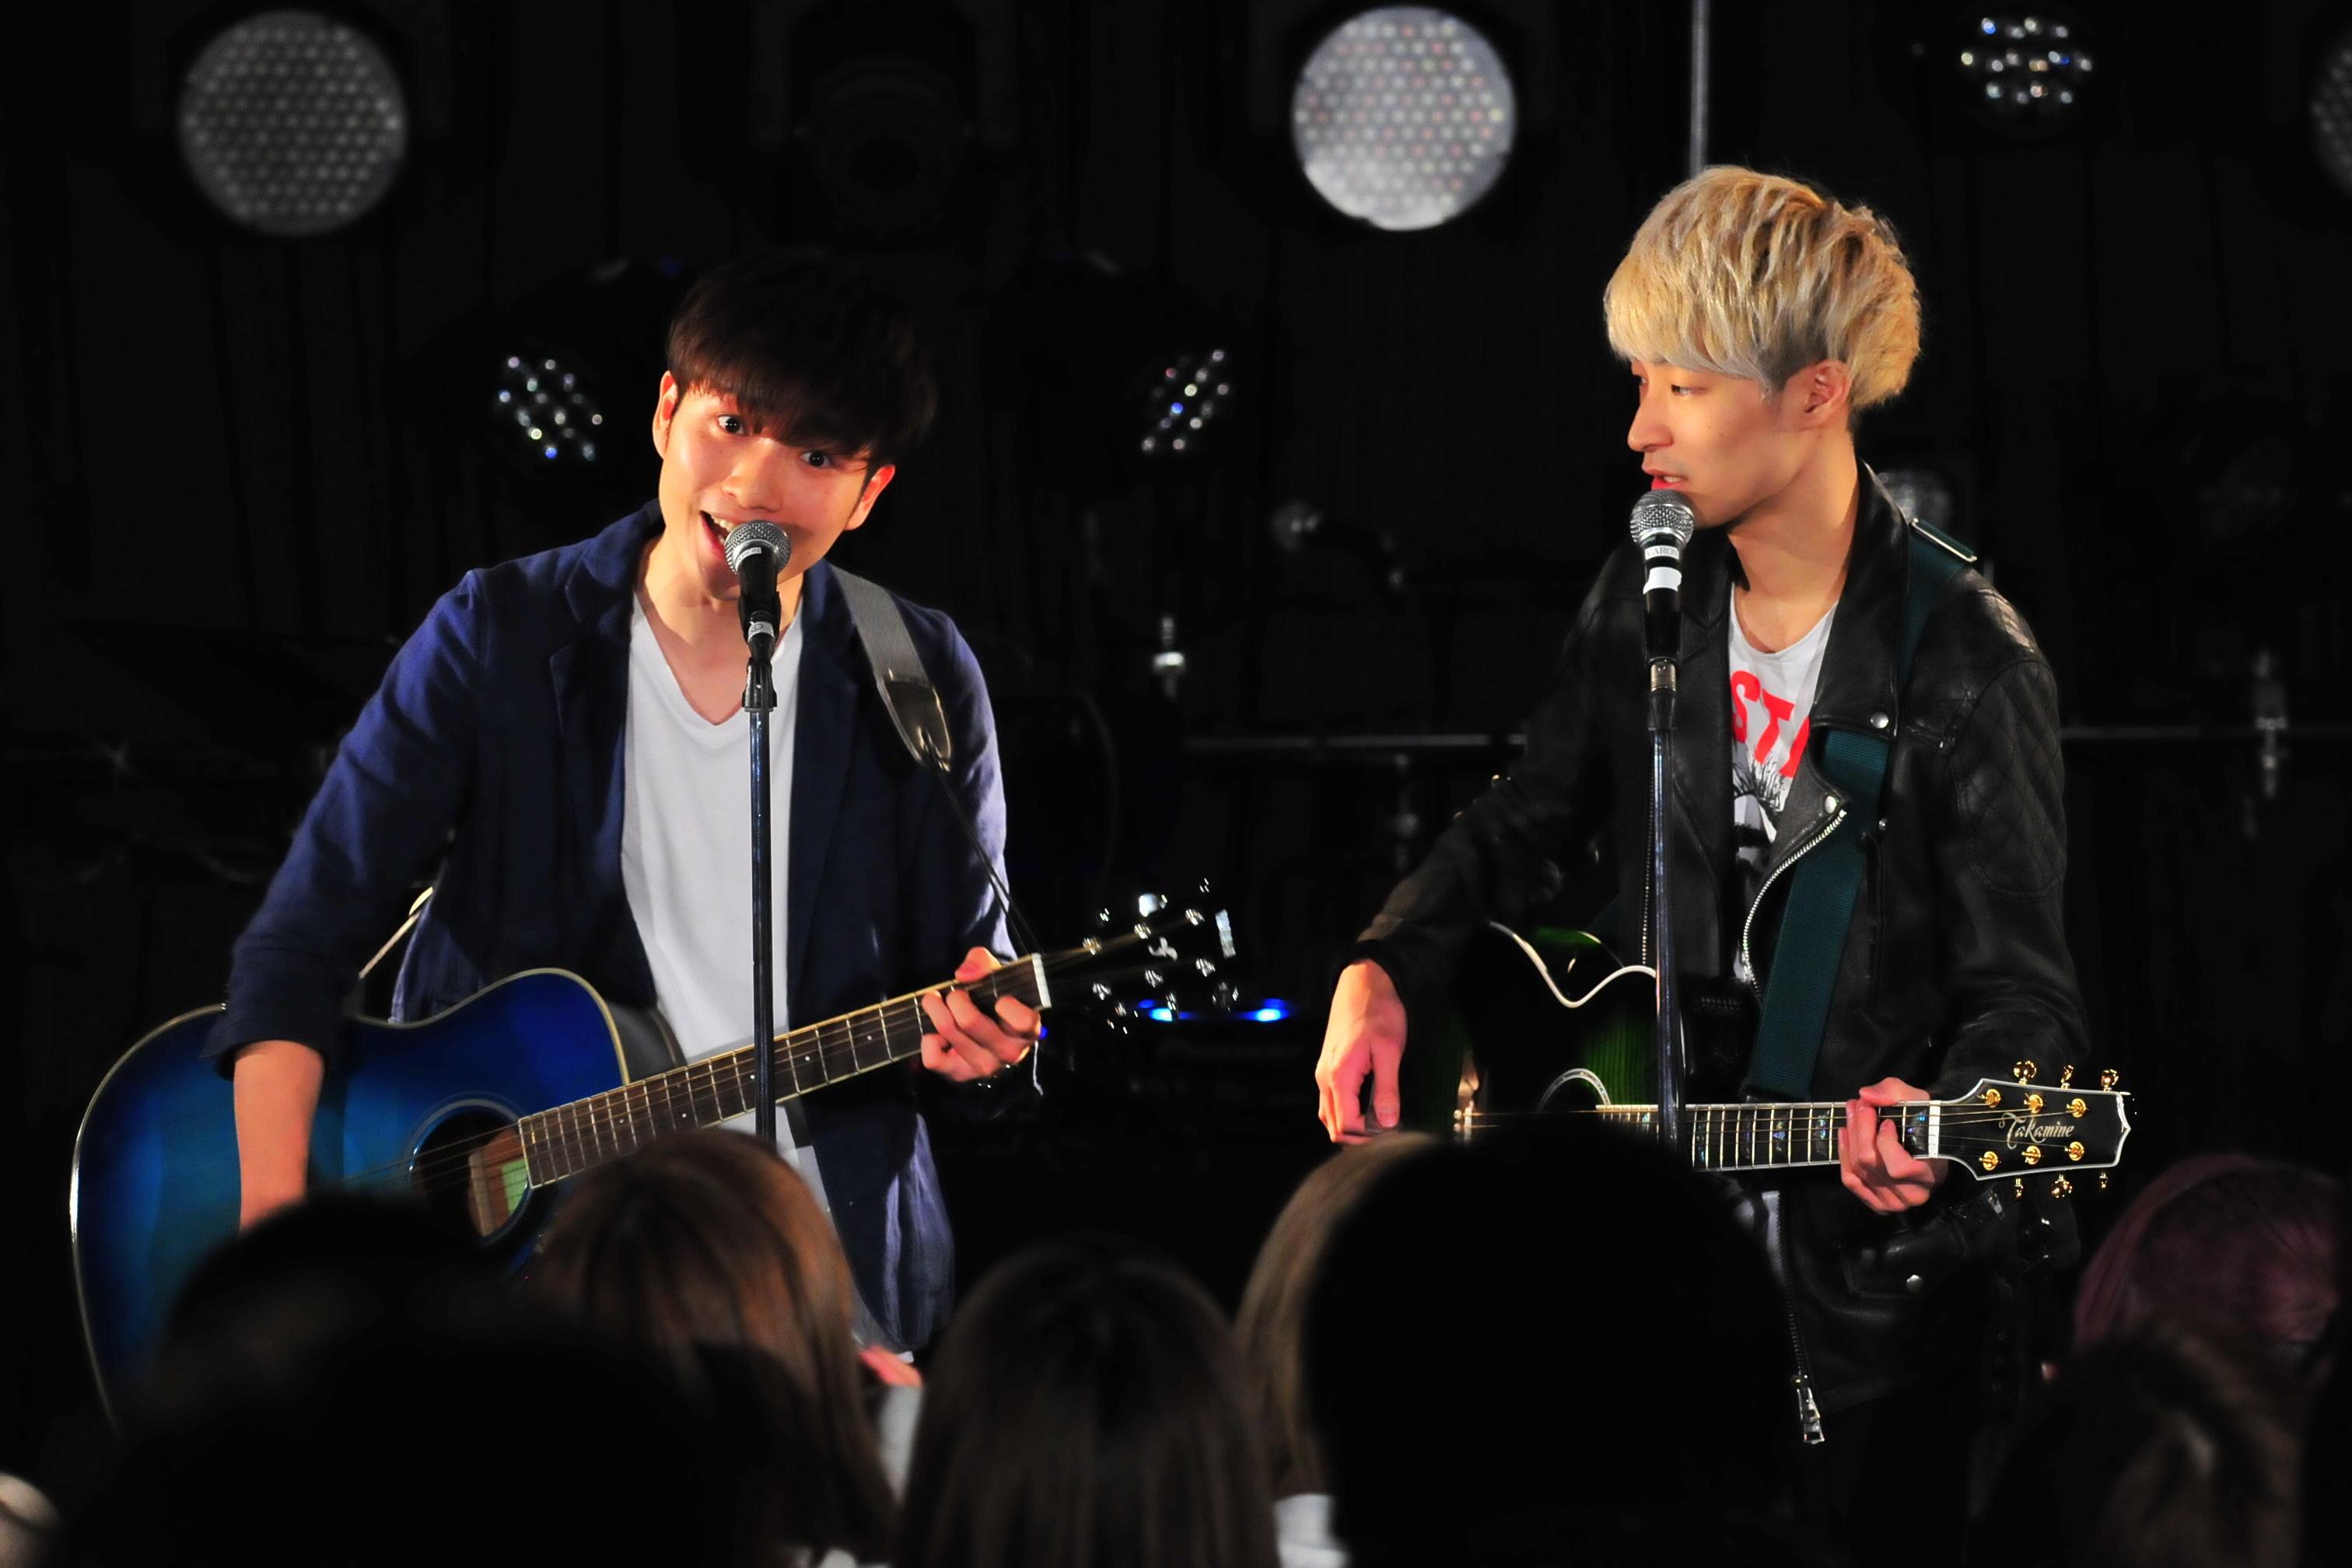 http://news.yoshimoto.co.jp/20170125193059-6a59ce9dd82184e432abab5134c1ff3c5612d172.jpg